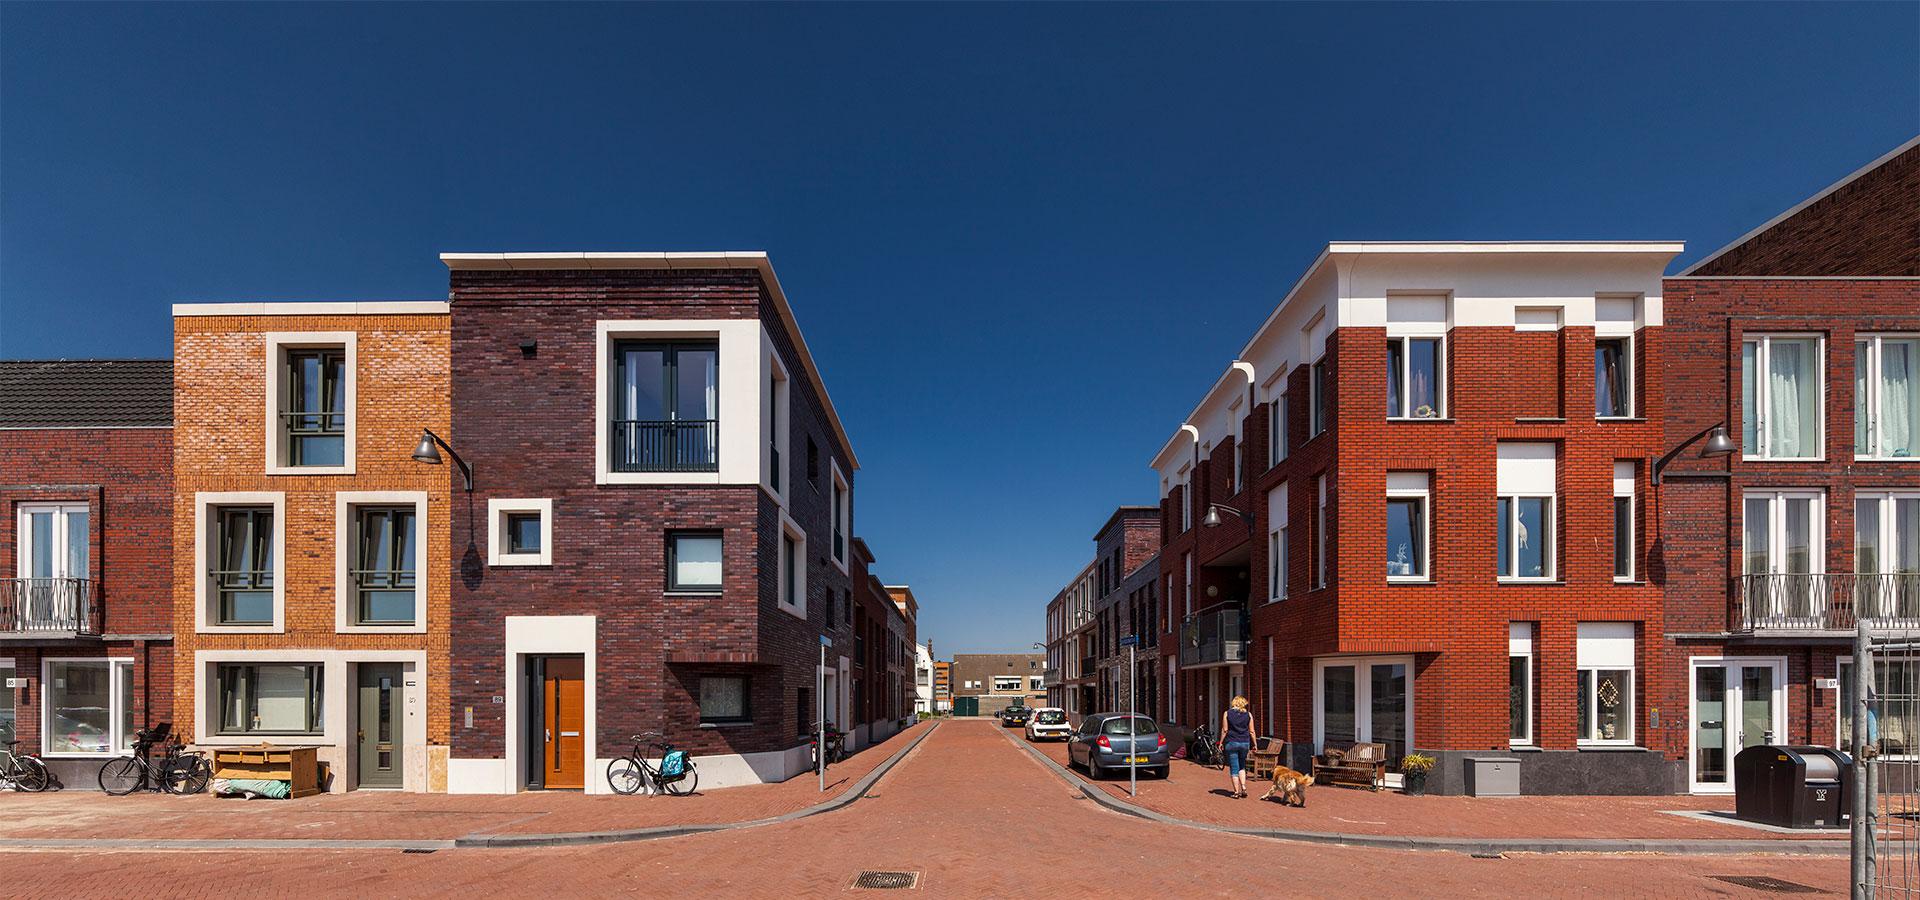 FARO architecten herstructurering Oud IJmuiden 04